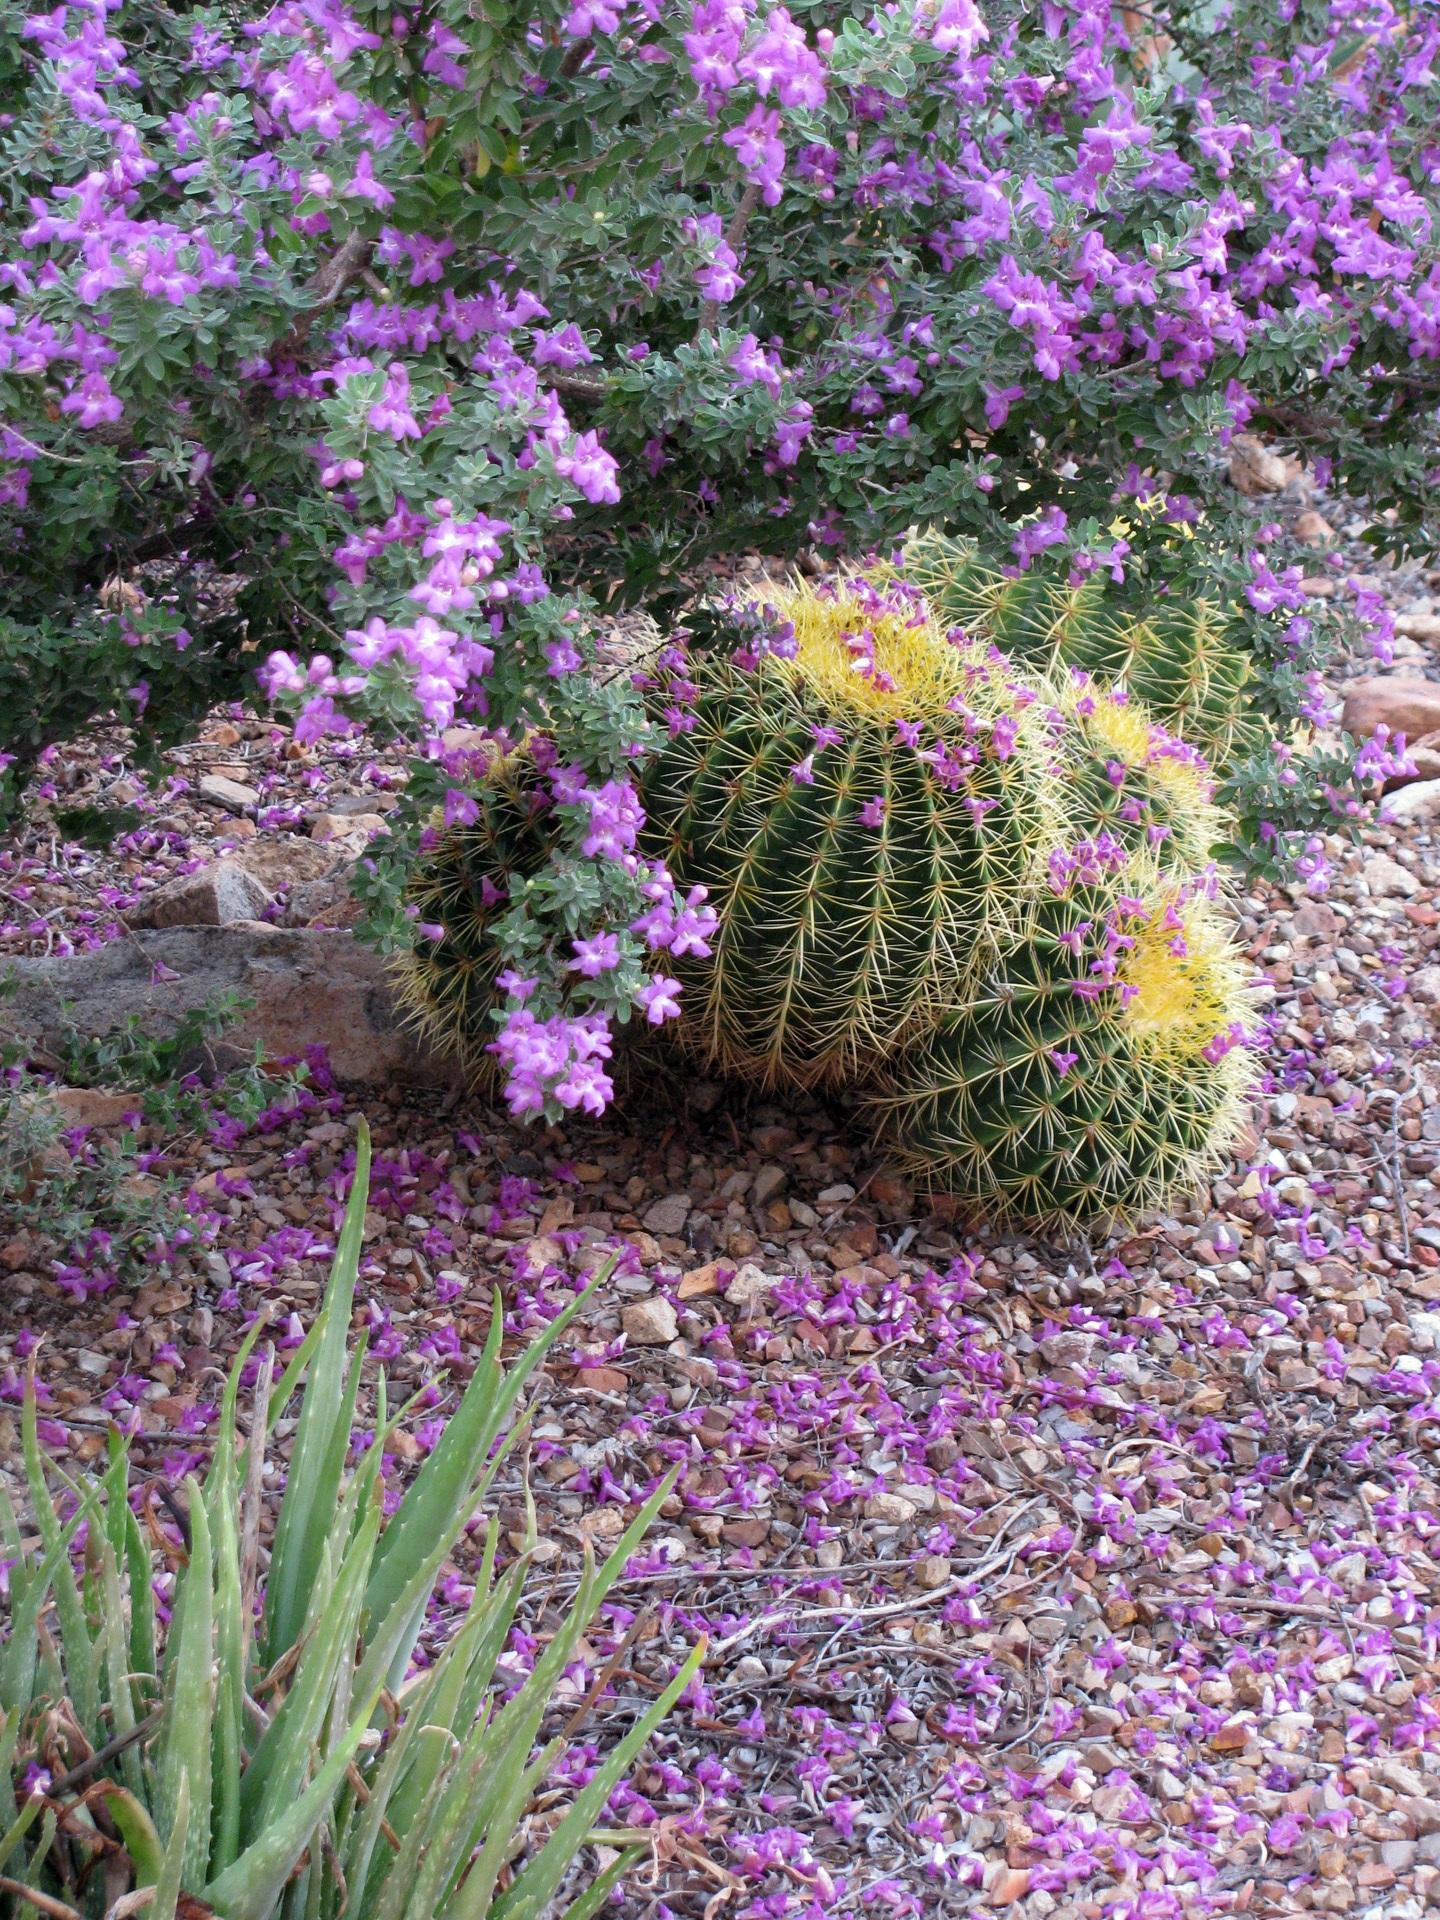 ... ภาษาอังกฤษลาเวนเดอร์ 1440x1920. ดอก ปลูก ดอกไม้ พฤกษศาสตร์ สวน พืช  ลาเวนเดอร์ ดอกไม้ป่า ไม้พุ่ม ออกดอก พืชดอก ทะเลทราย sonoran